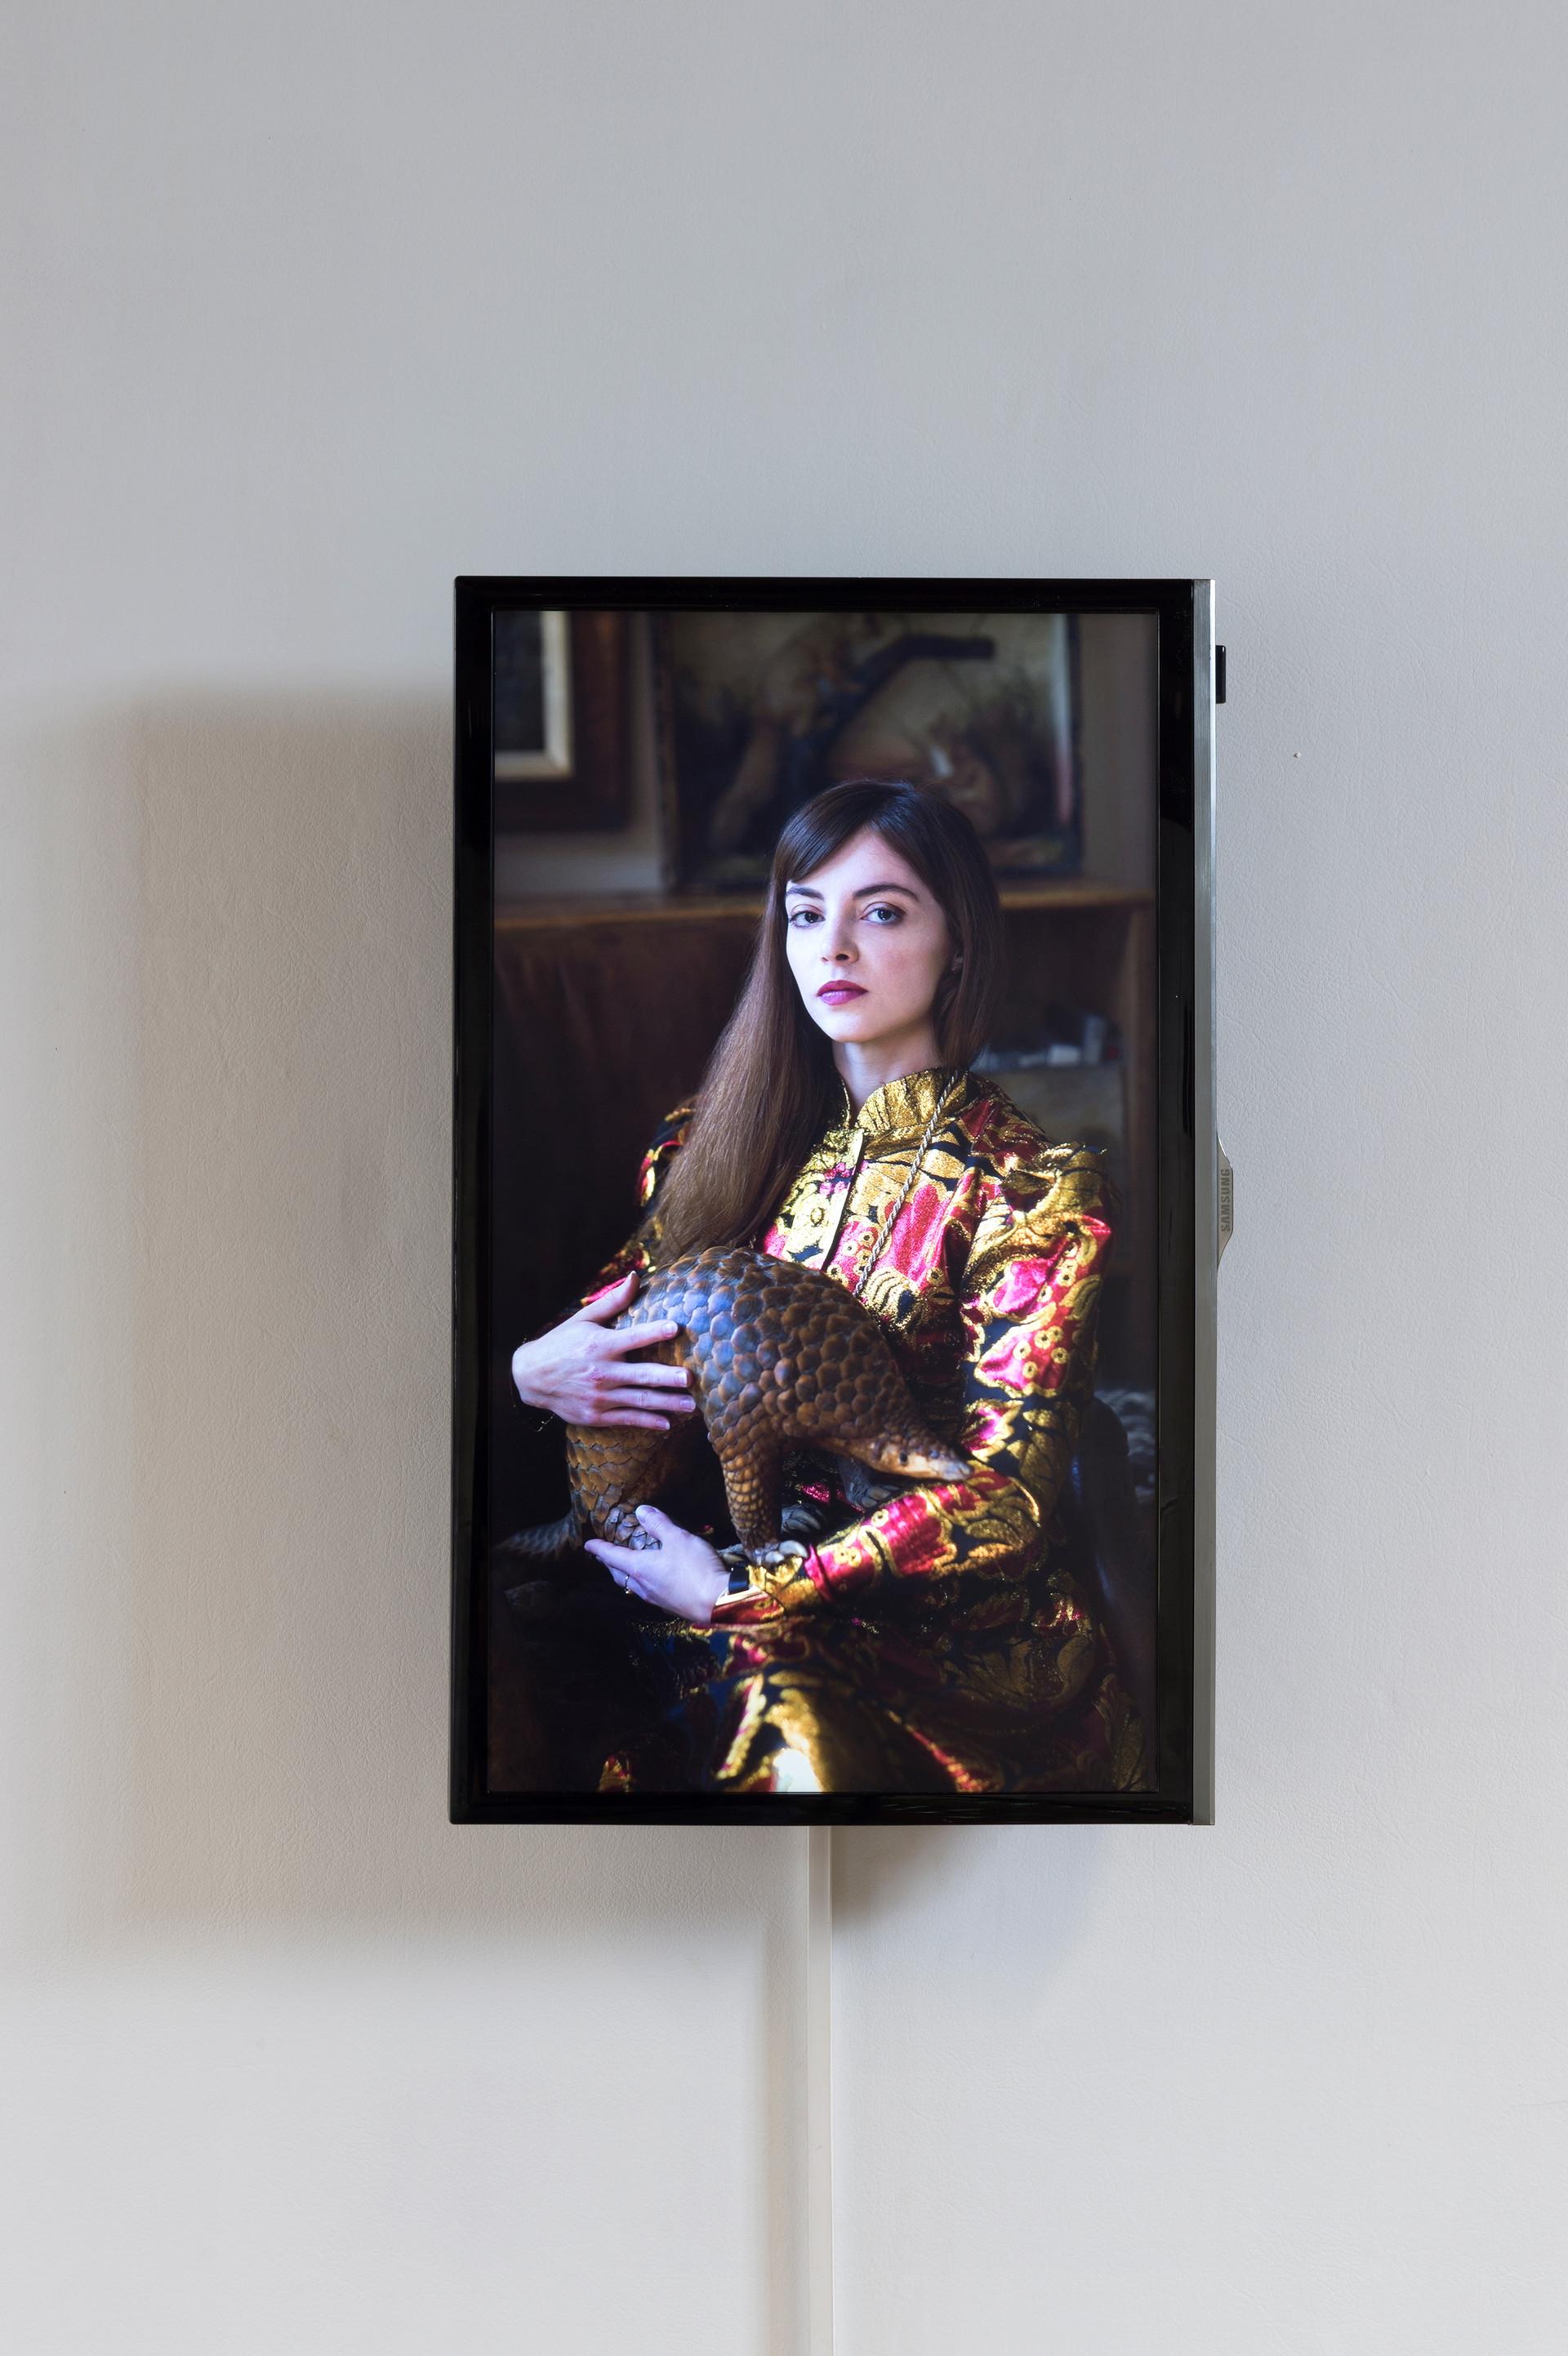 Wanted / portrait numérique de l'artiste / à L'Académie, à Maromme, septembre 2019. © Marc Domage Prise de vue : Lola Rossi